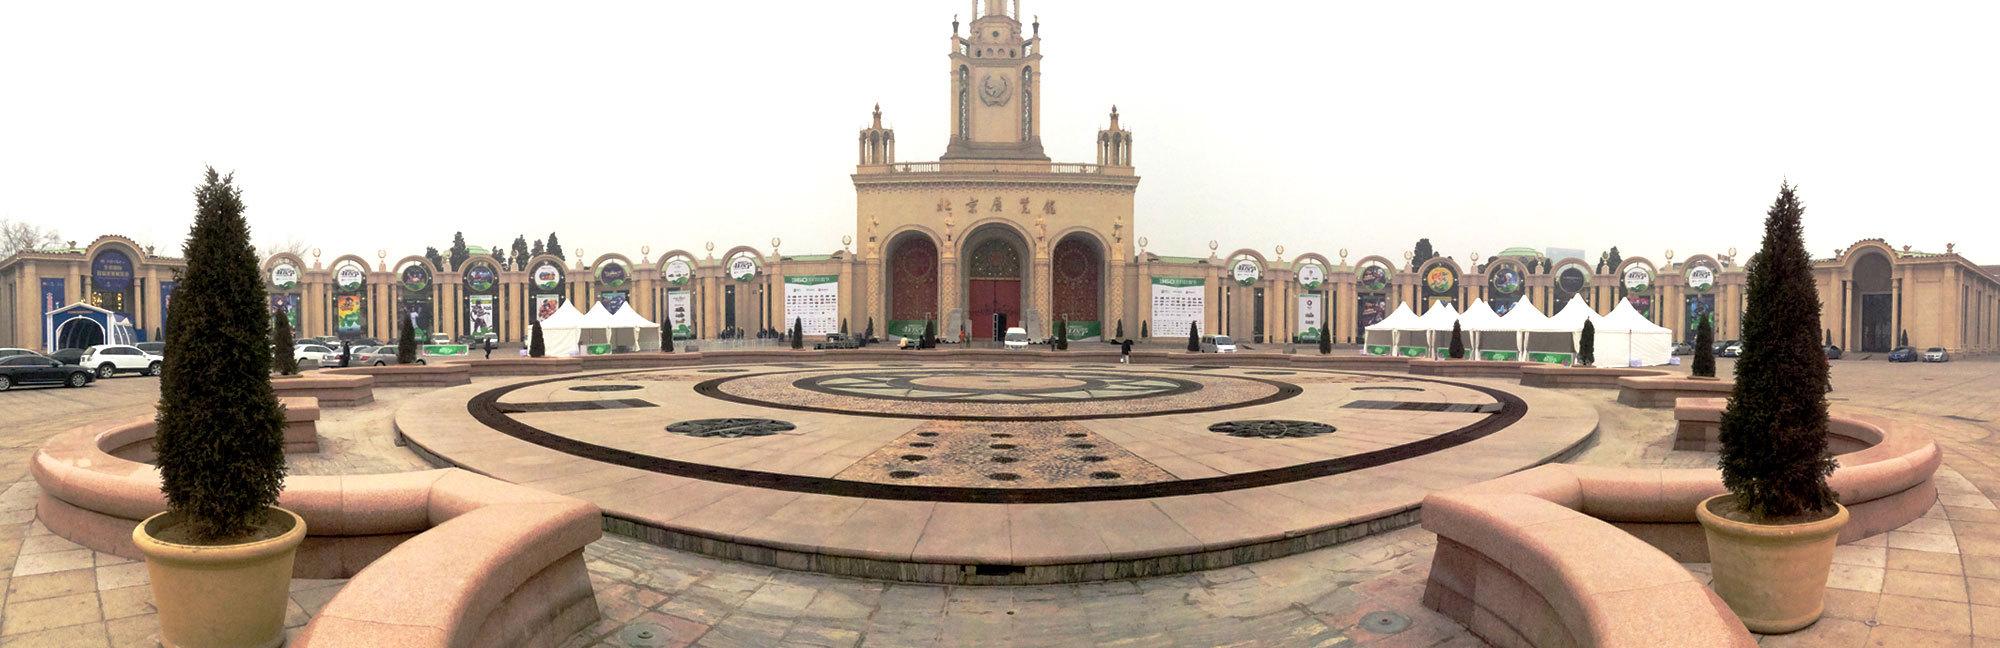 北京展览馆外景